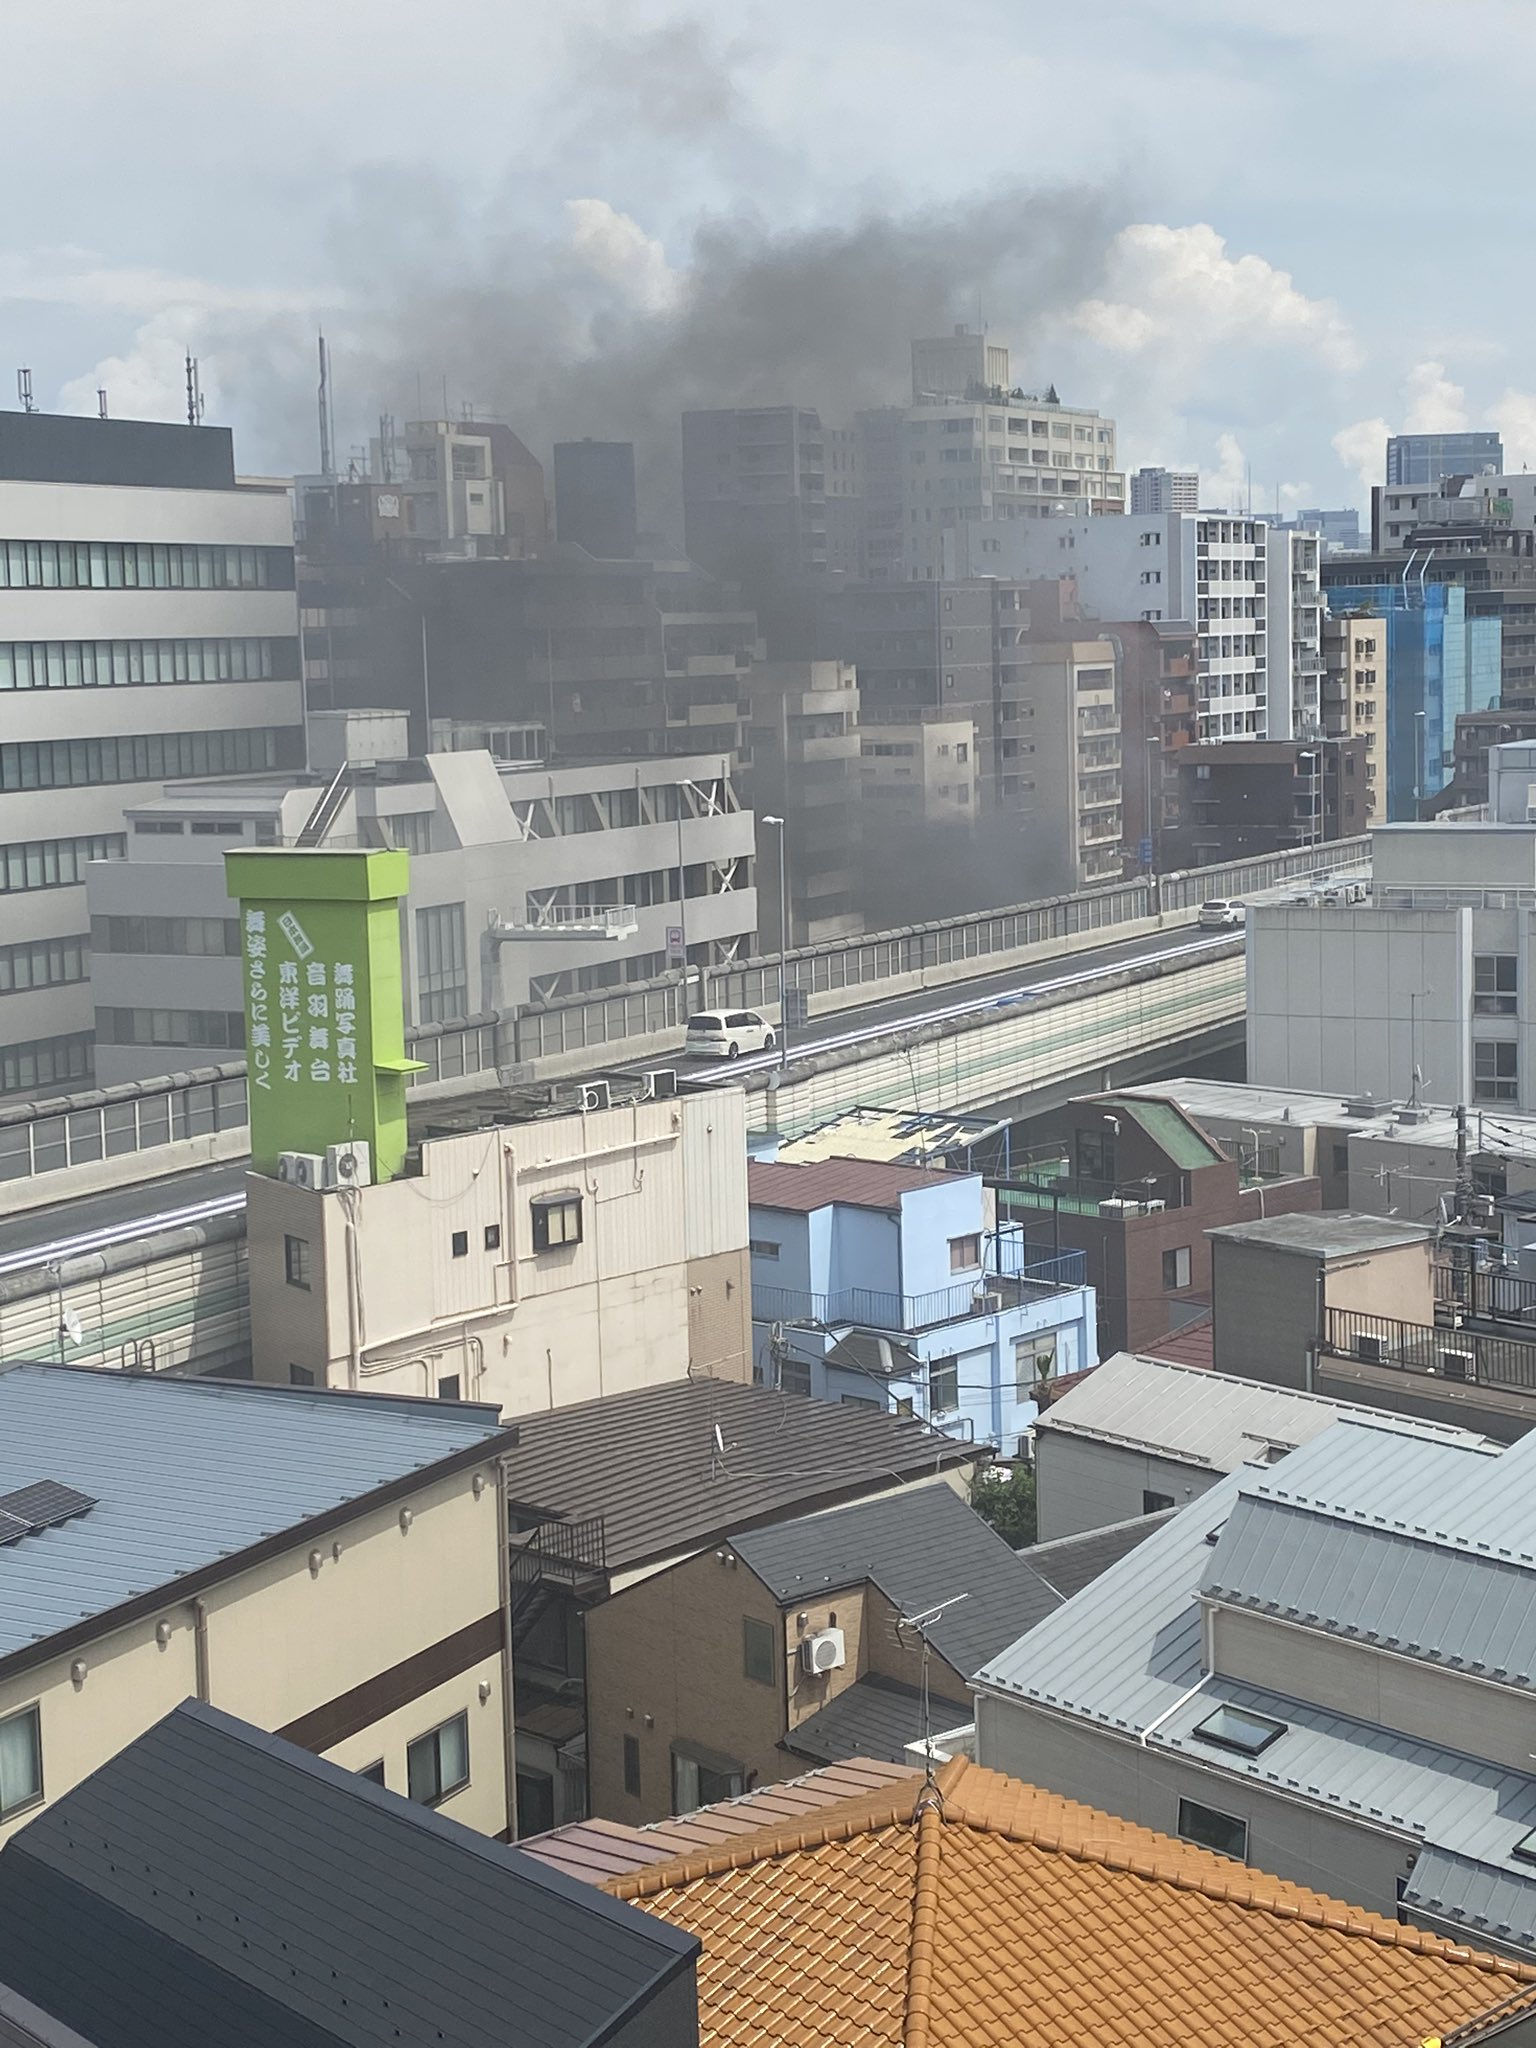 文京区音羽の建物で大きな火事が起きている現場の画像